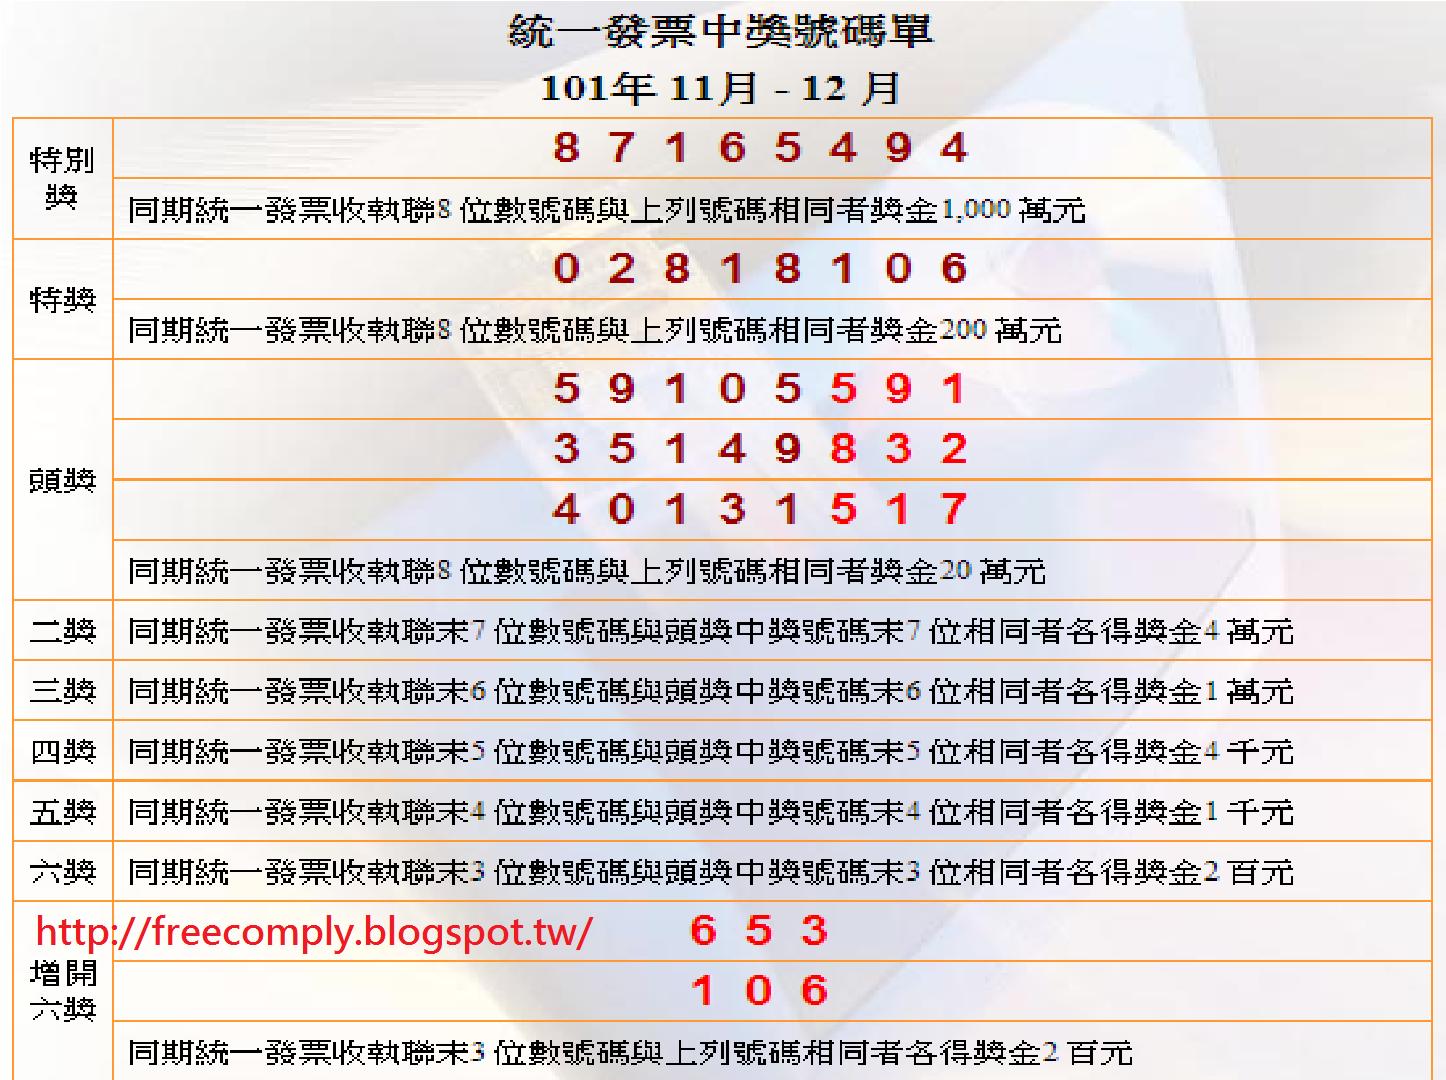 11.12 月發票對獎2014|2014- 11.12 月發票對獎2014|2014 - 快熱資訊 - 走進時代